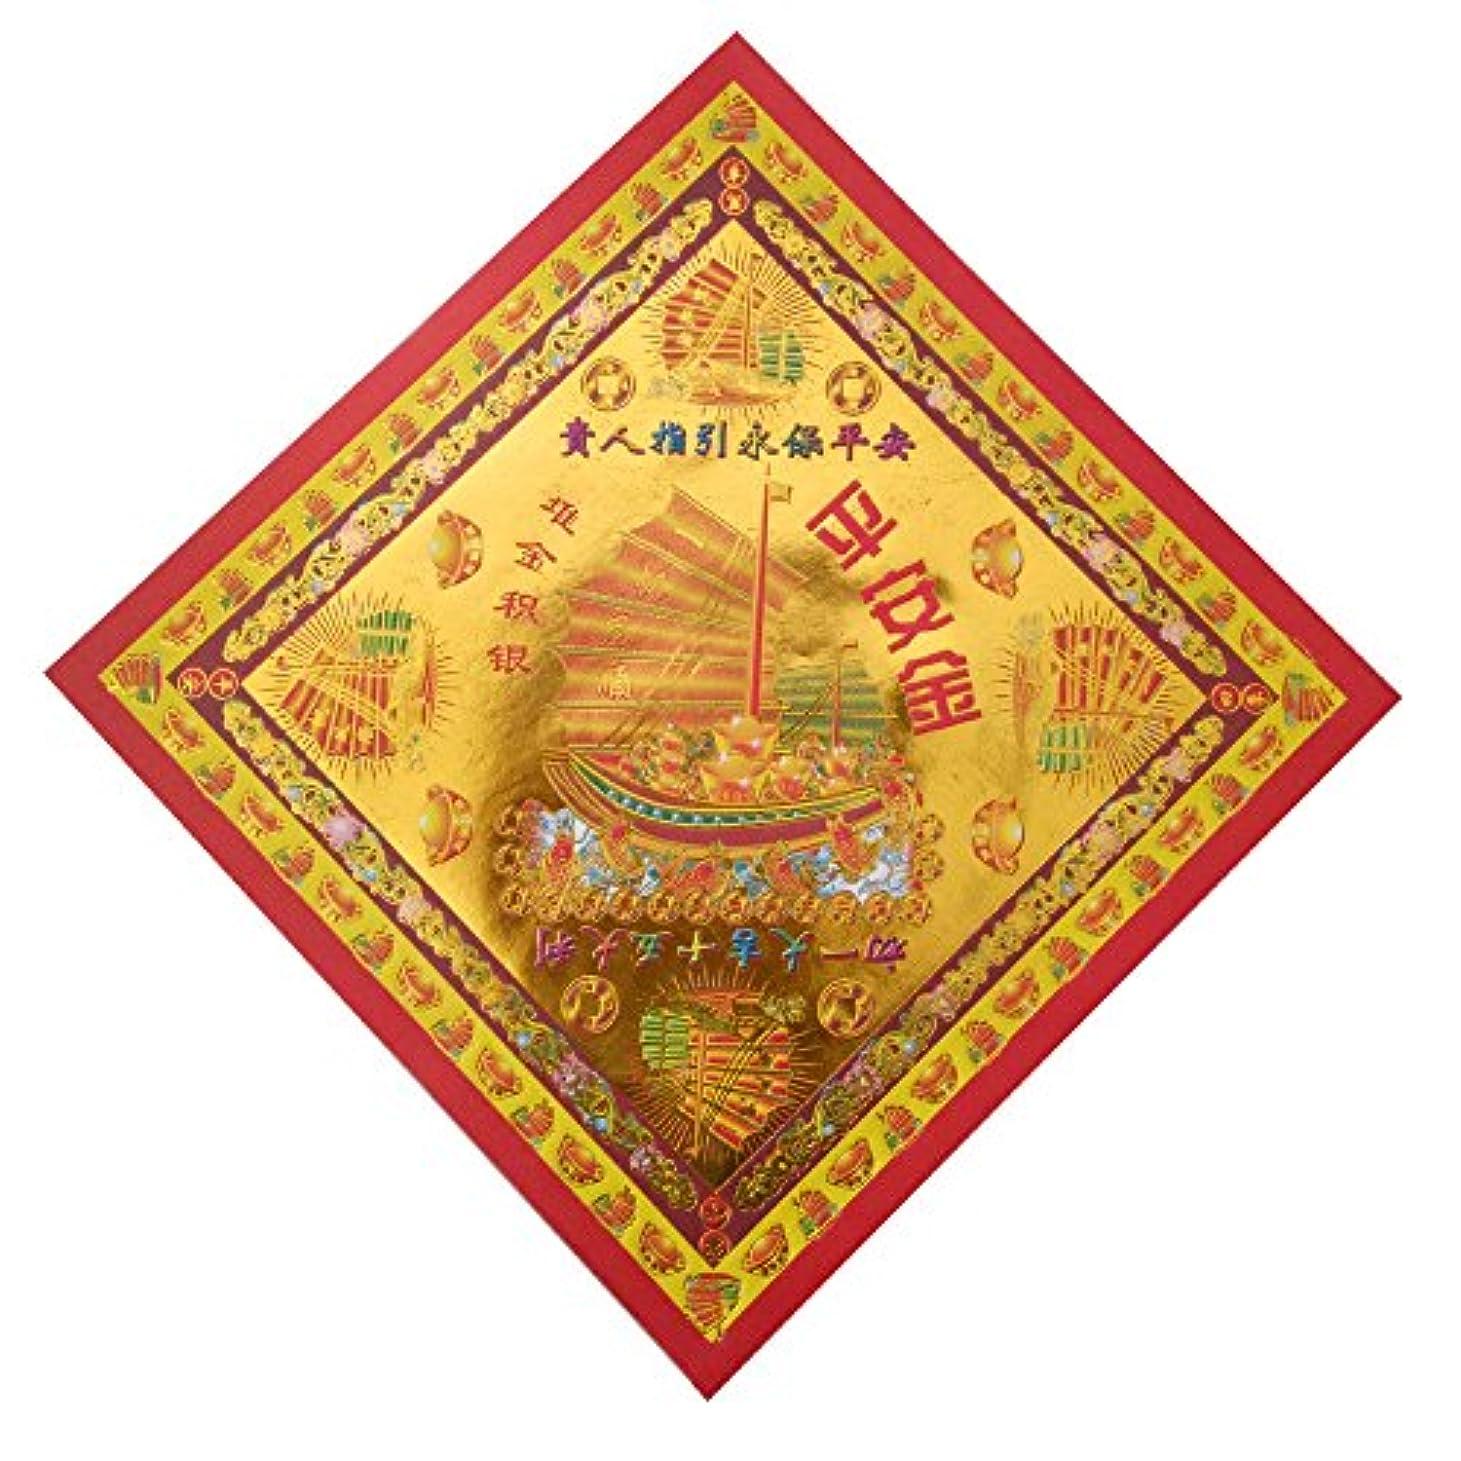 くるみ不良会社zeestar祖先Incense用紙/Joss用紙ハイグレードカラフルwithゴールドの箔の祖先Praying 7.6インチx 7.6インチ、40個